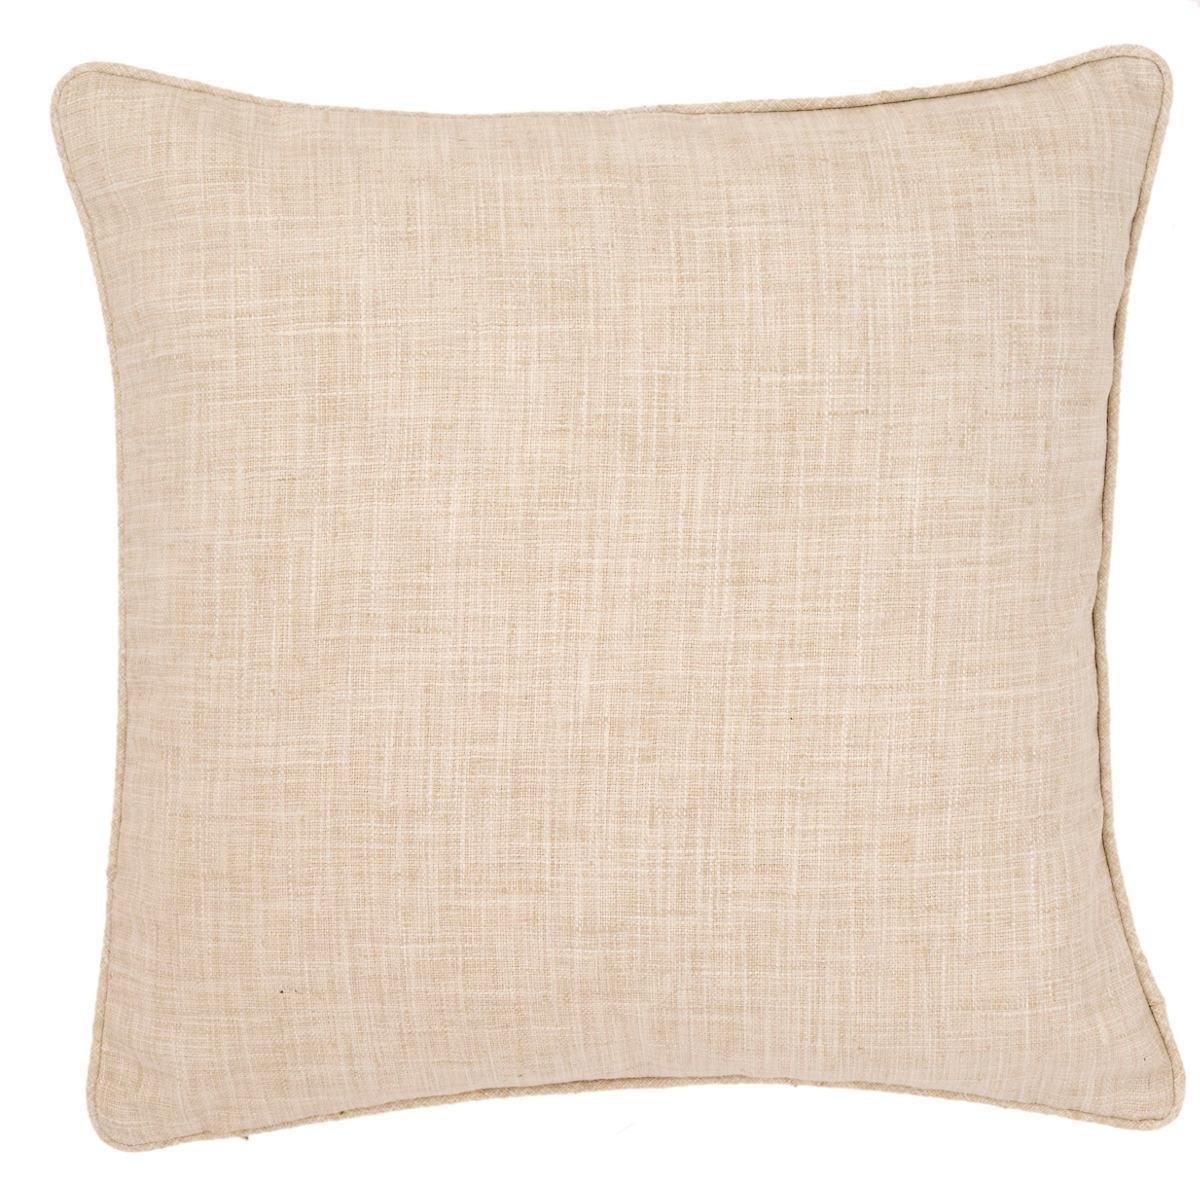 Greylock Ivory Indoor/Outdoor Decorative Pillow